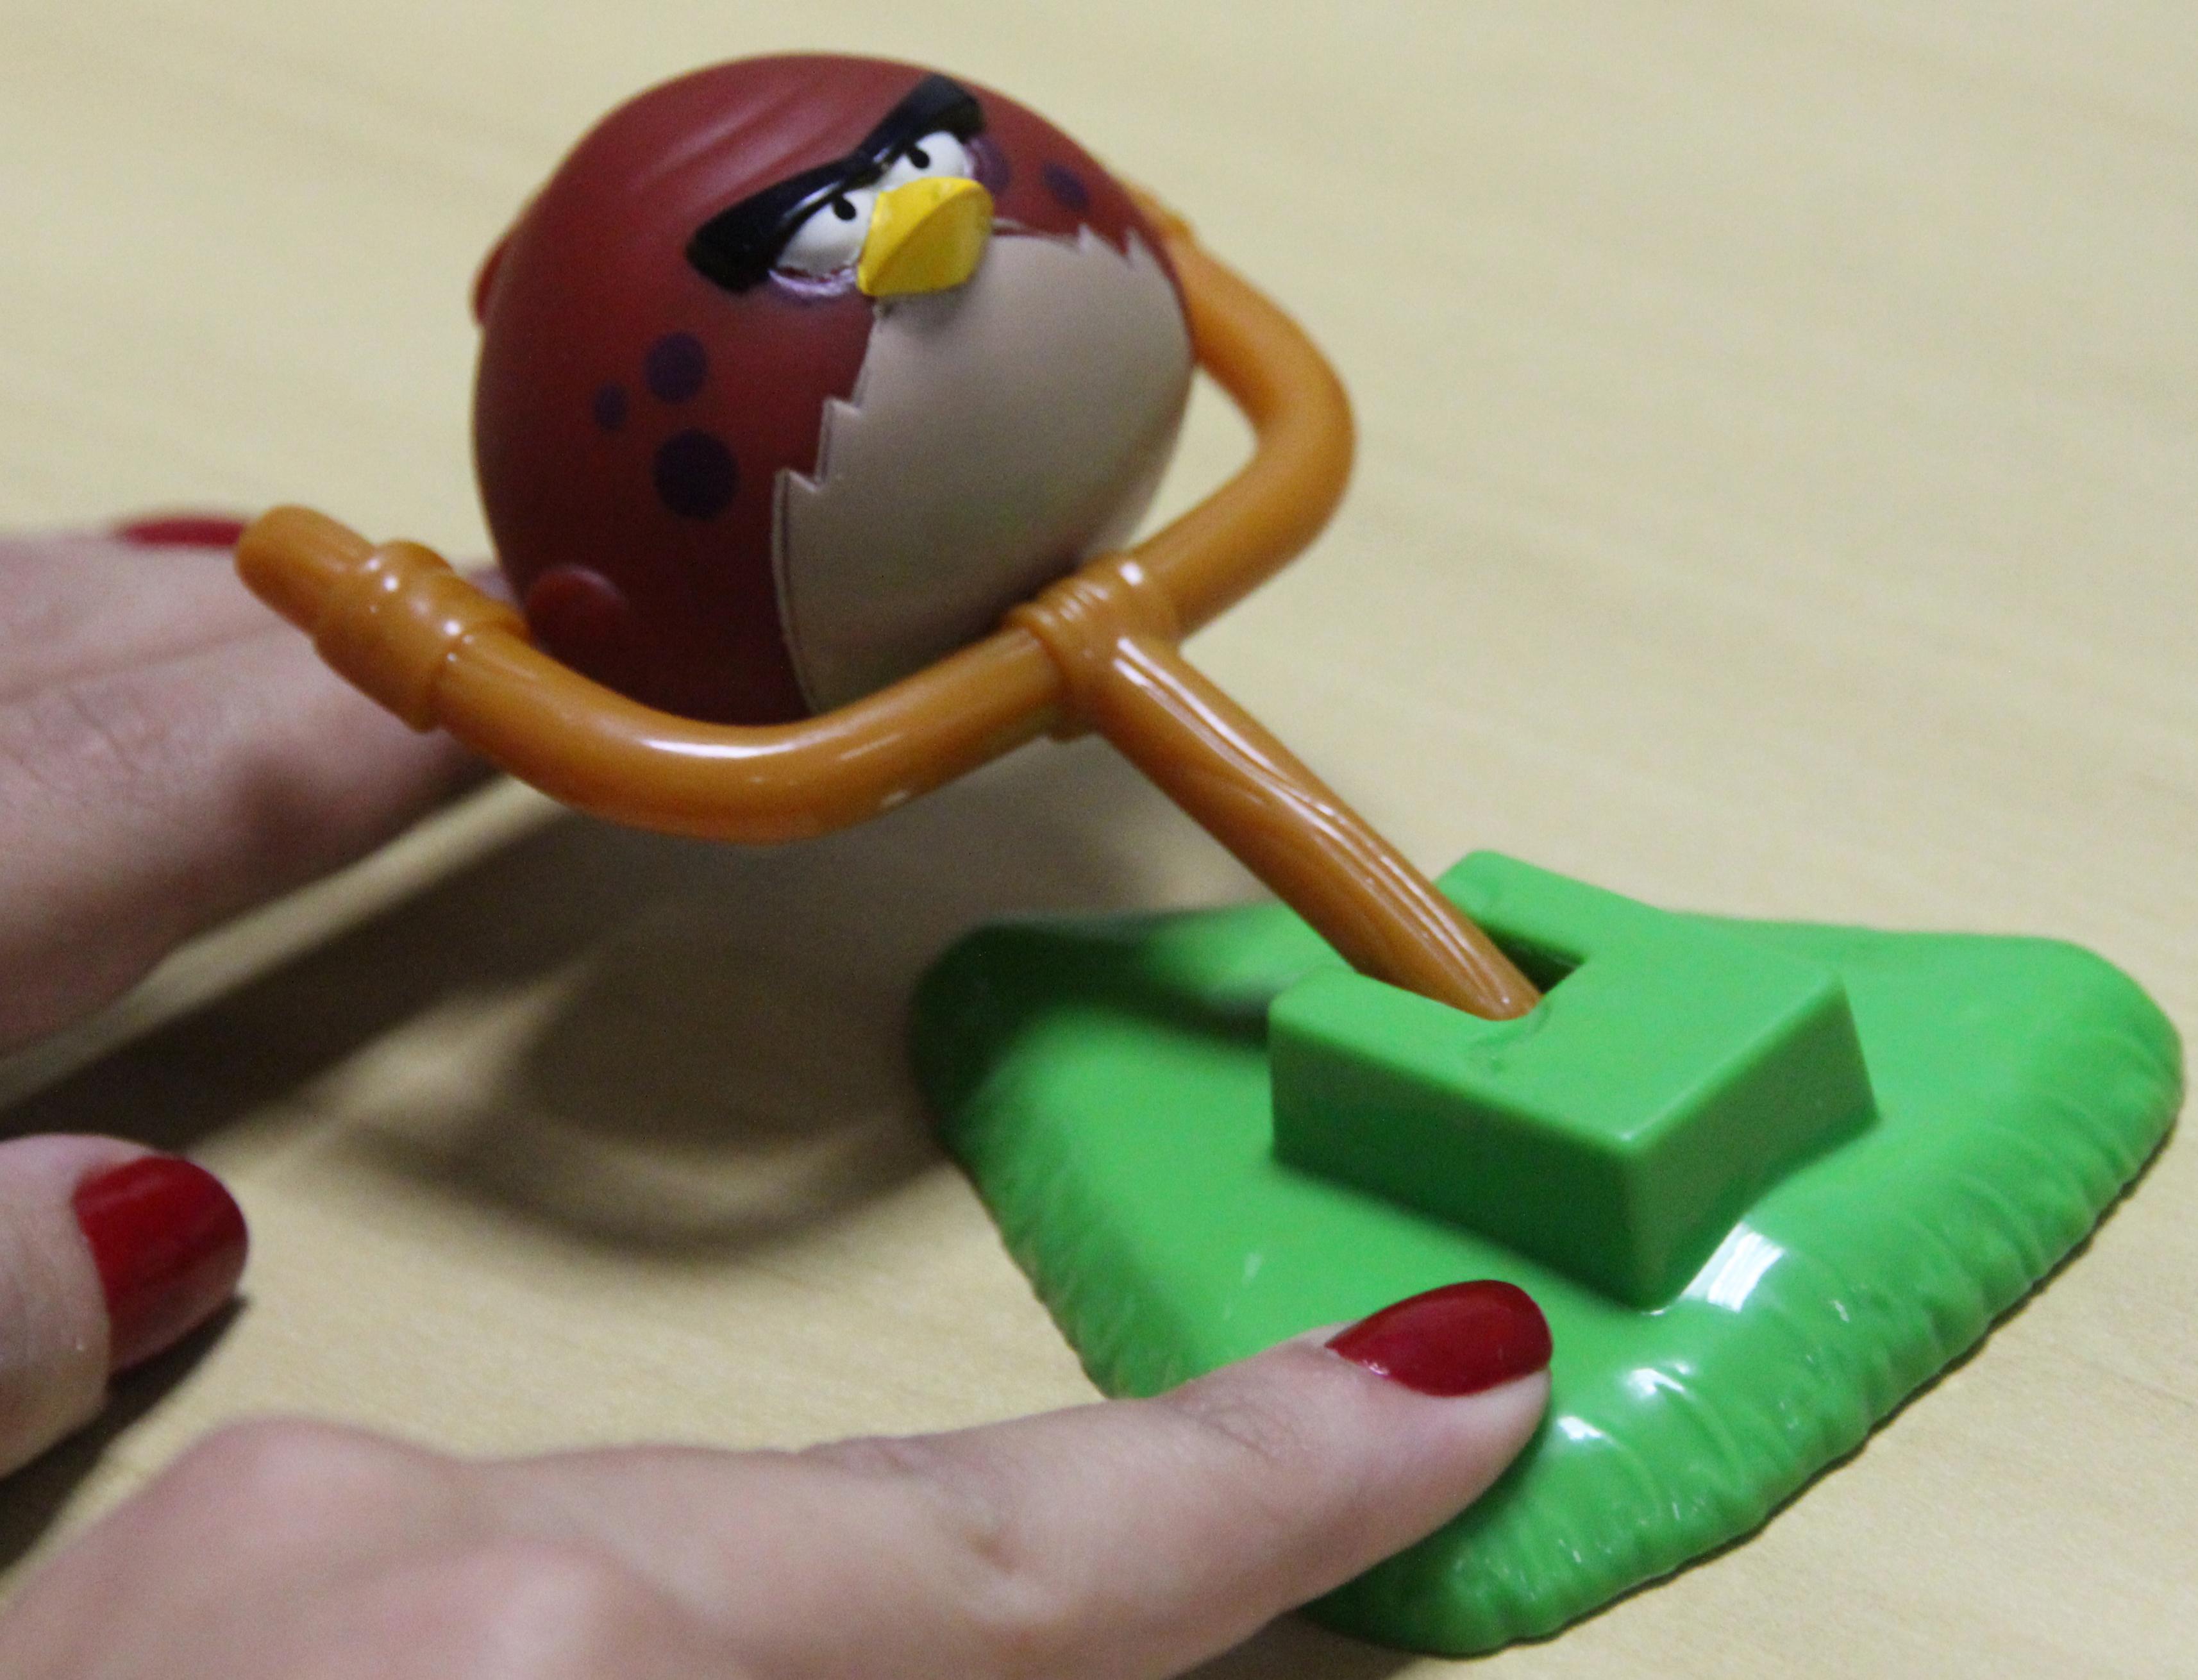 O jogo possui um lançador para os pássaros serem arremessados (Foto: TechTudo)